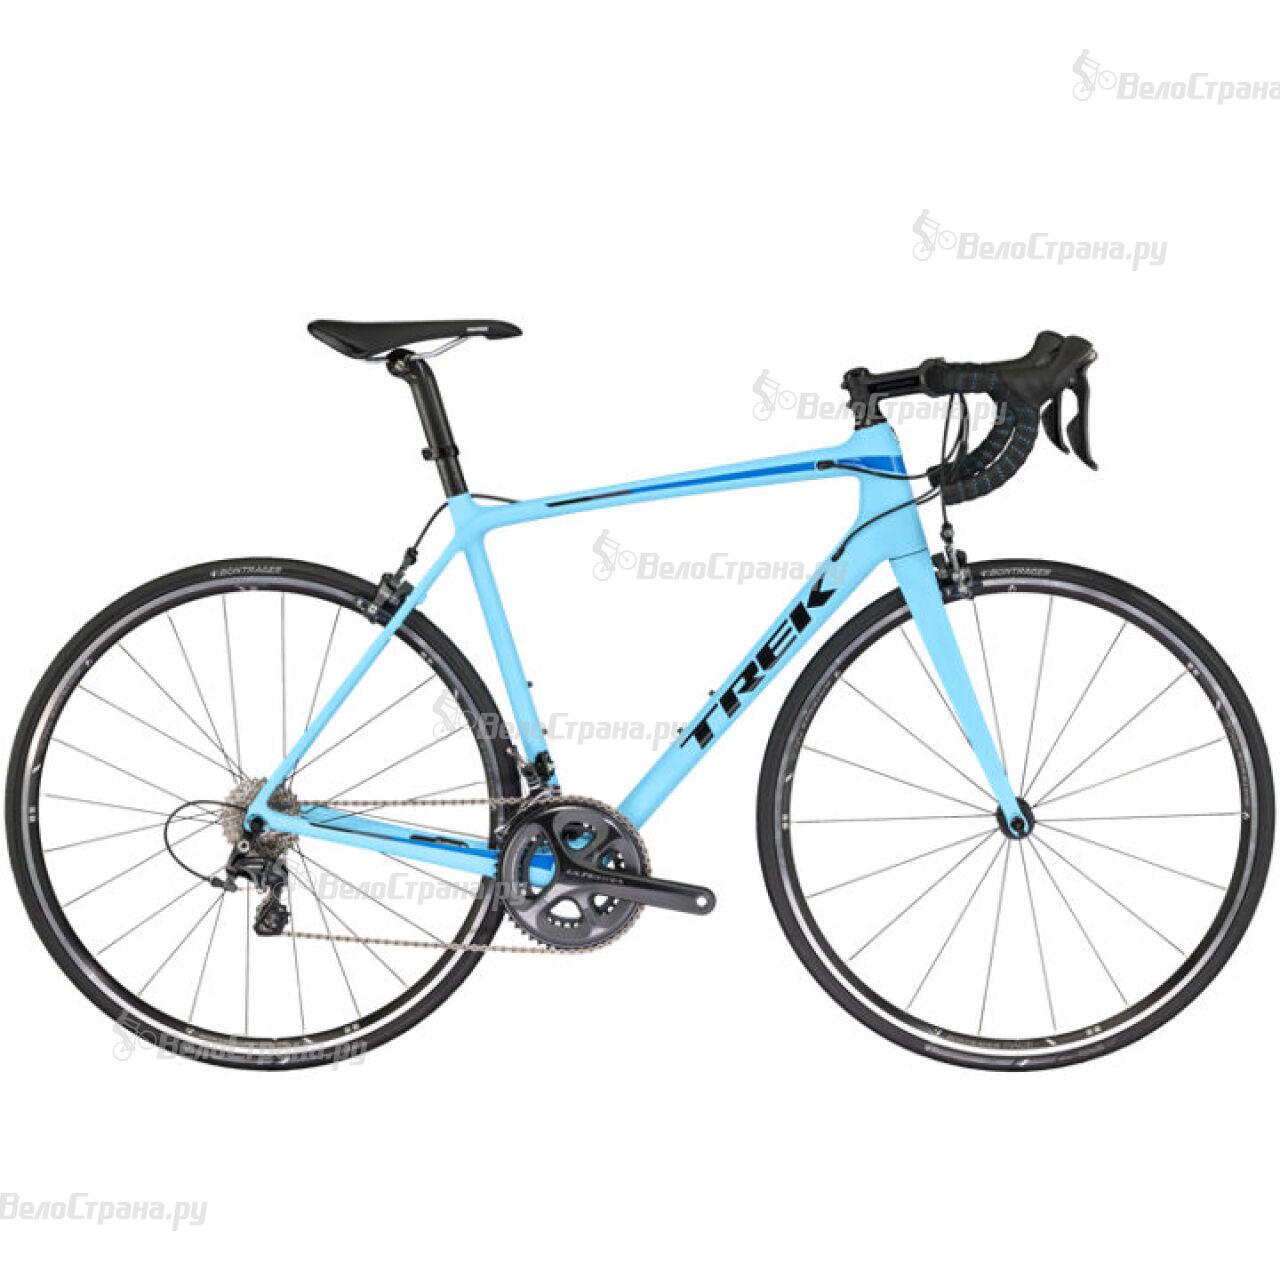 Велосипед Trek Emonda SL 6 (2017) велосипед trek emonda s 4 2015